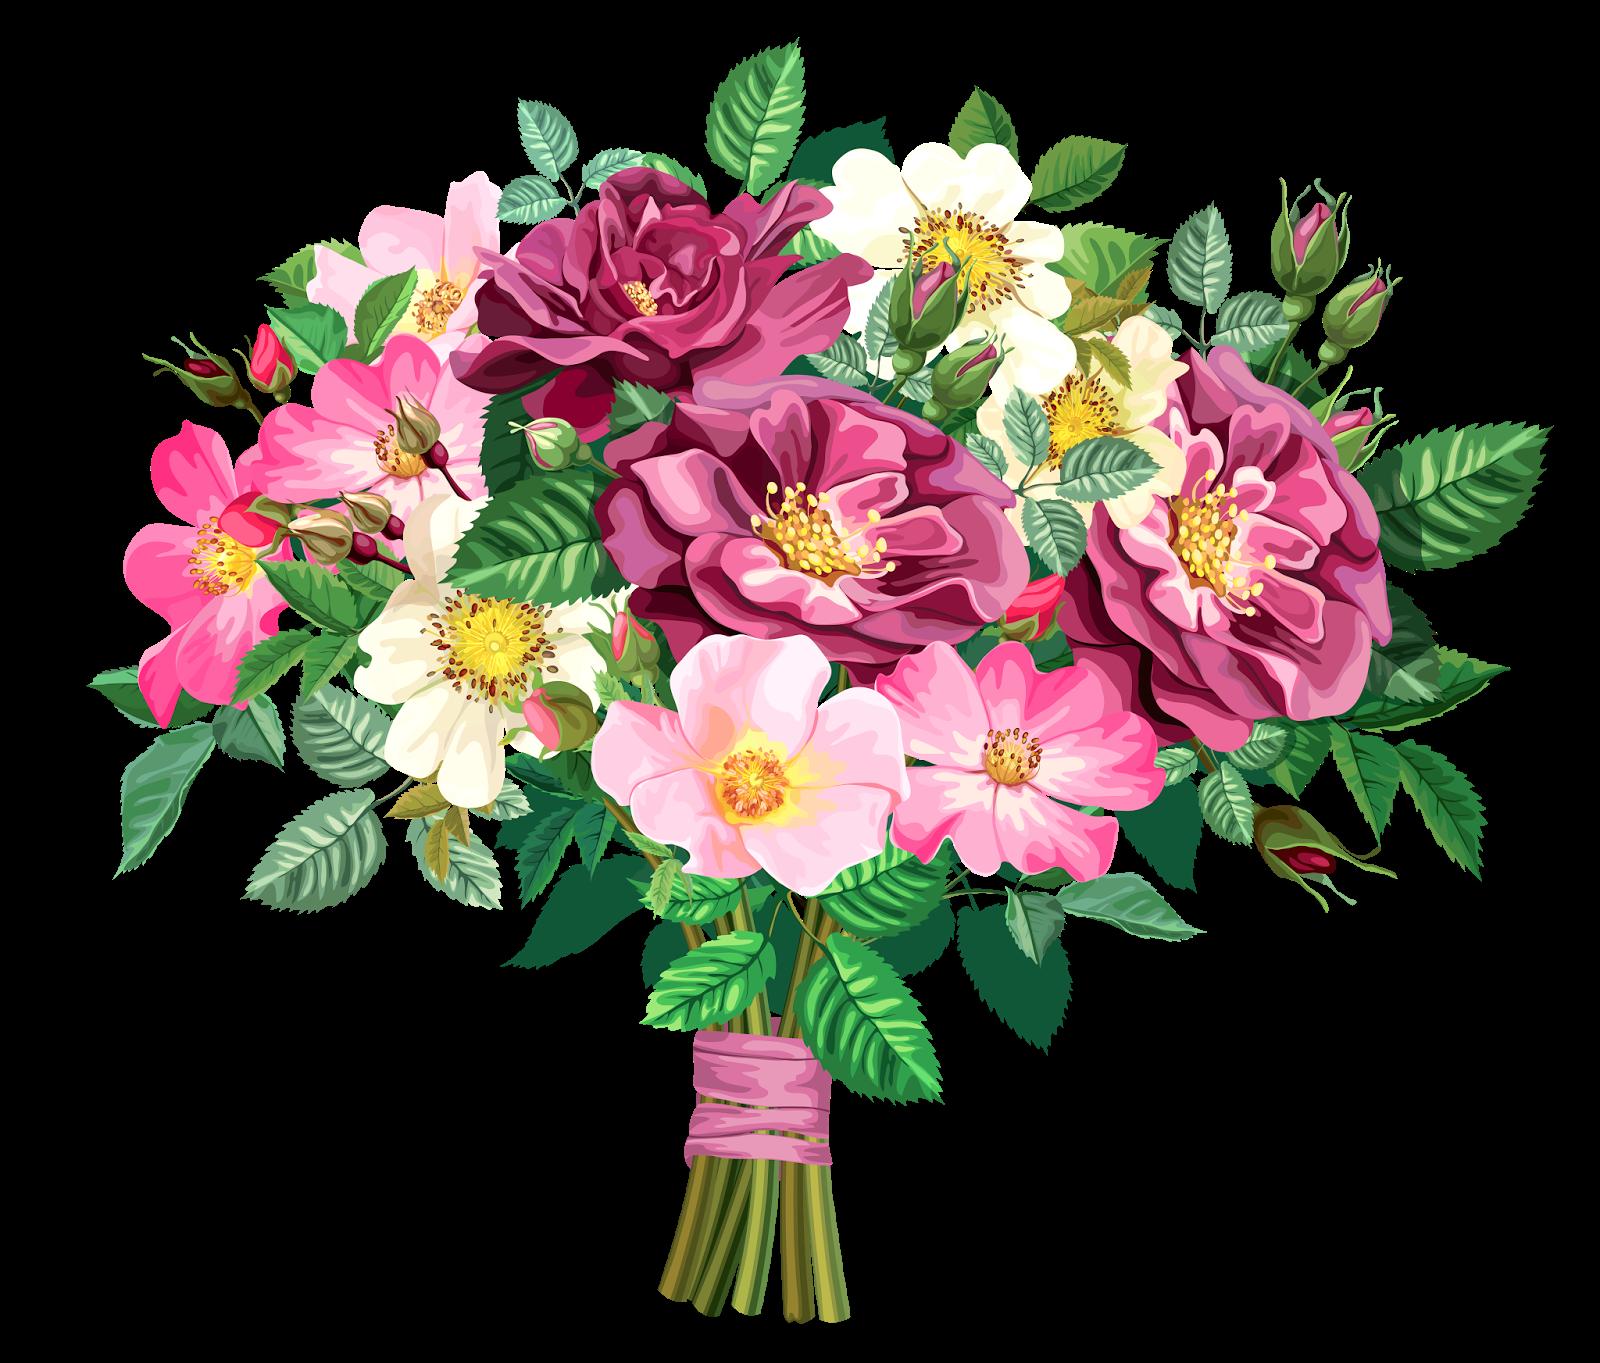 Pink Rose clipart flower bouquet TRANSPARENT BOUQUET Design ROSE CLİPART